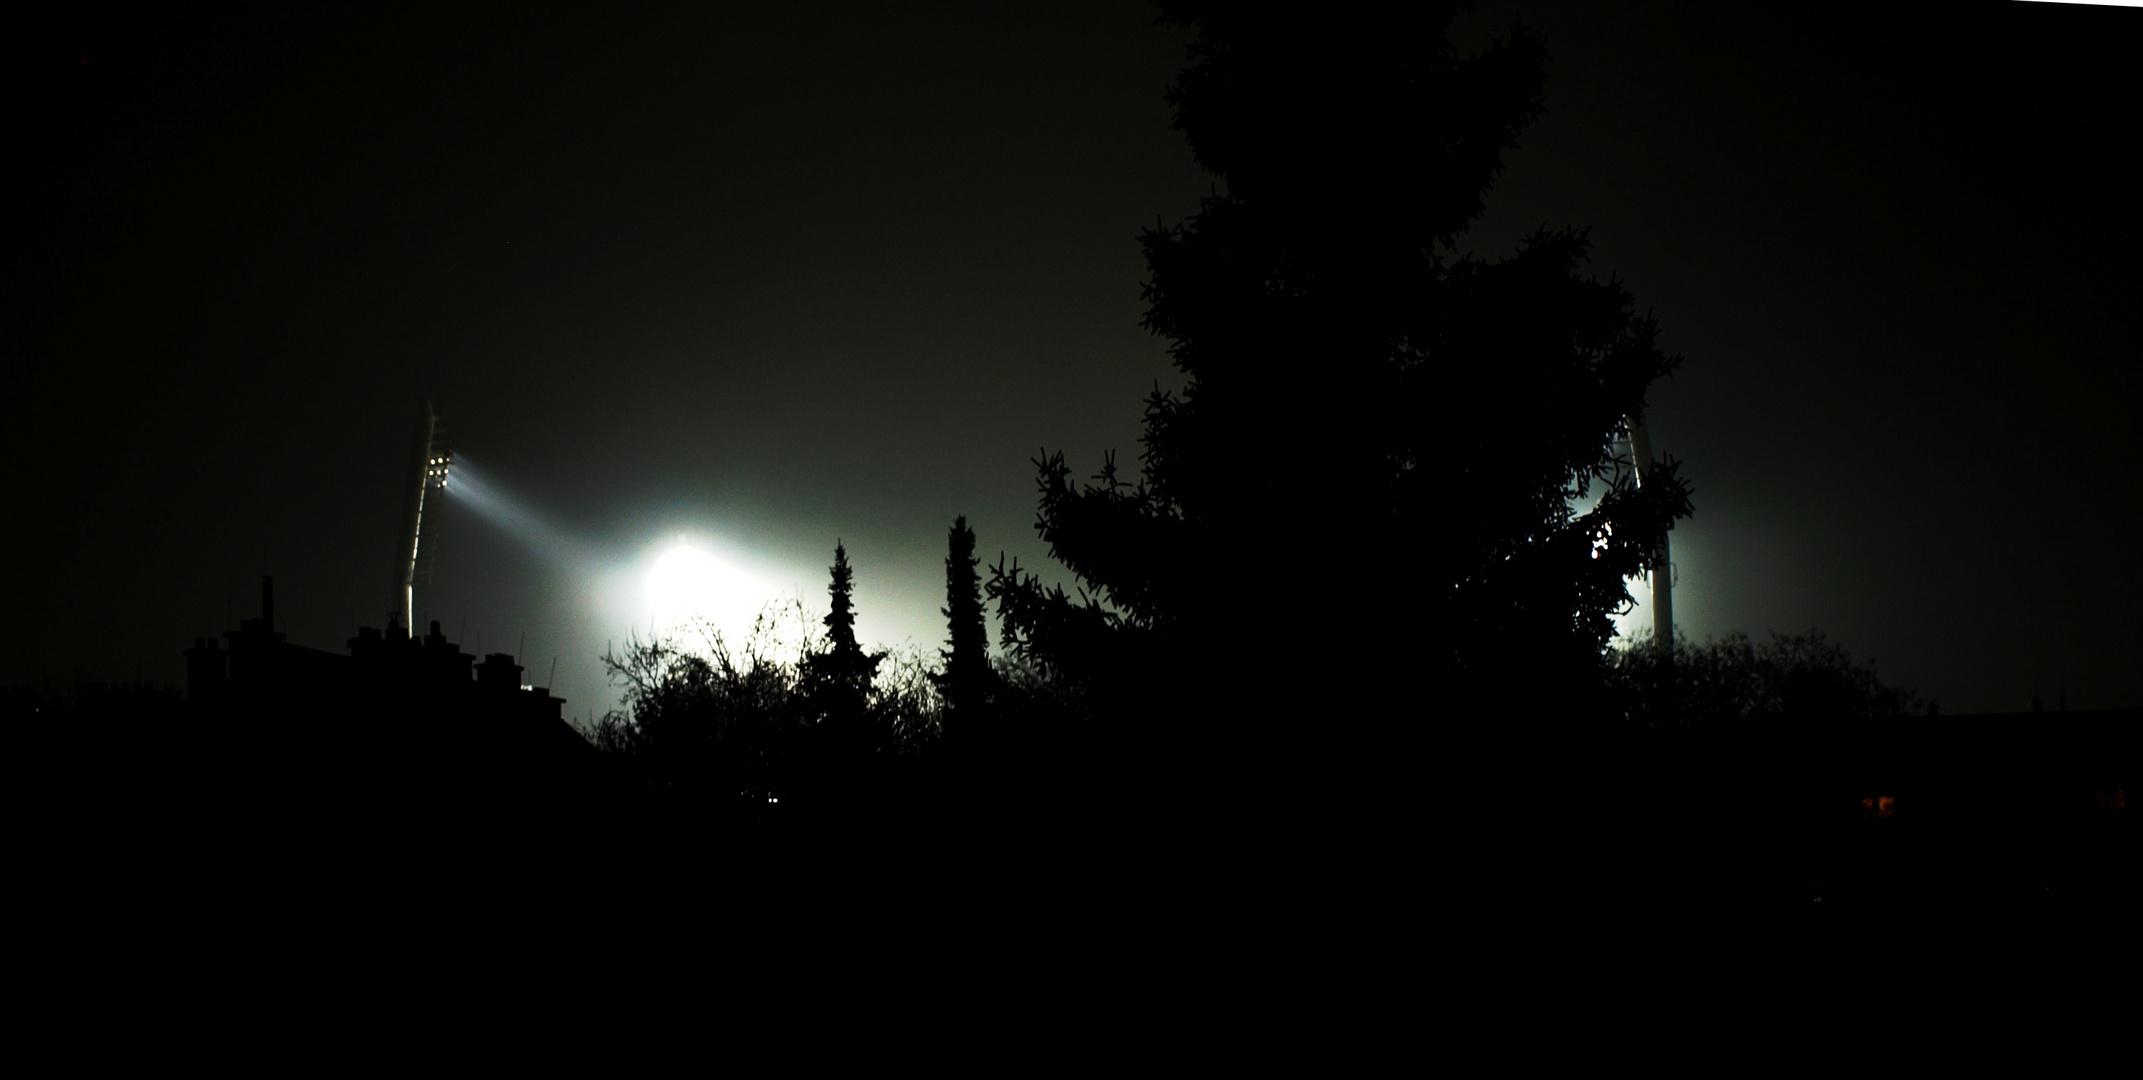 Dunkle Nacht mit hellem Schein